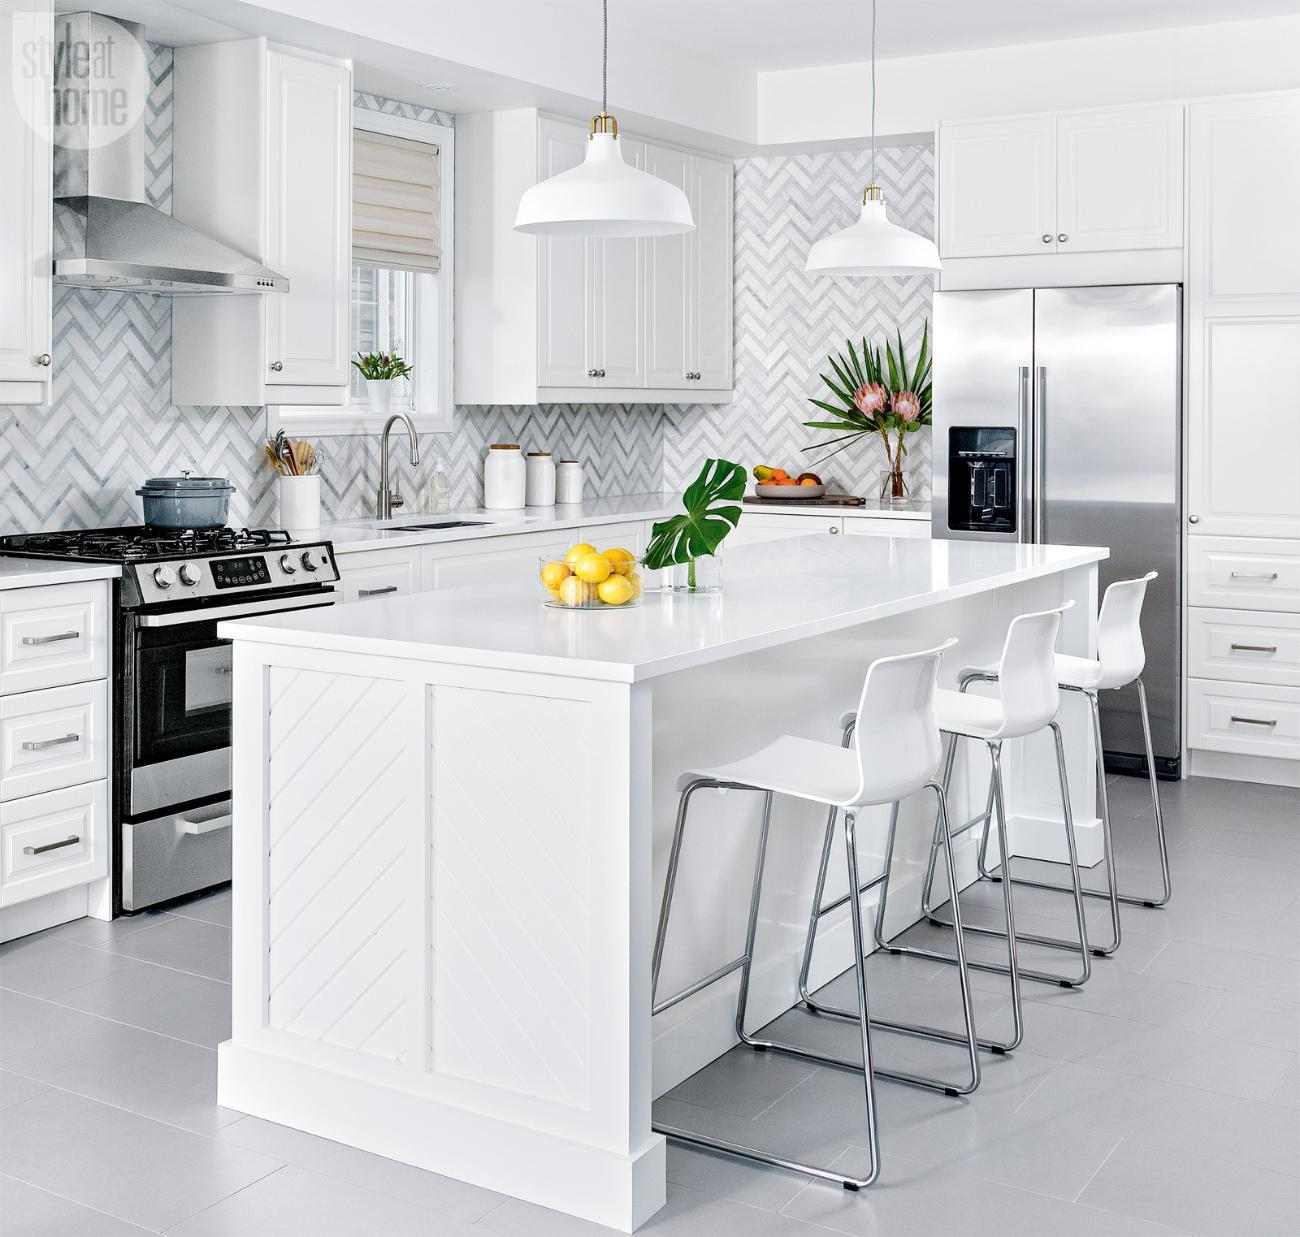 kitchen-decorating-storage-ideas-chevron-tiles